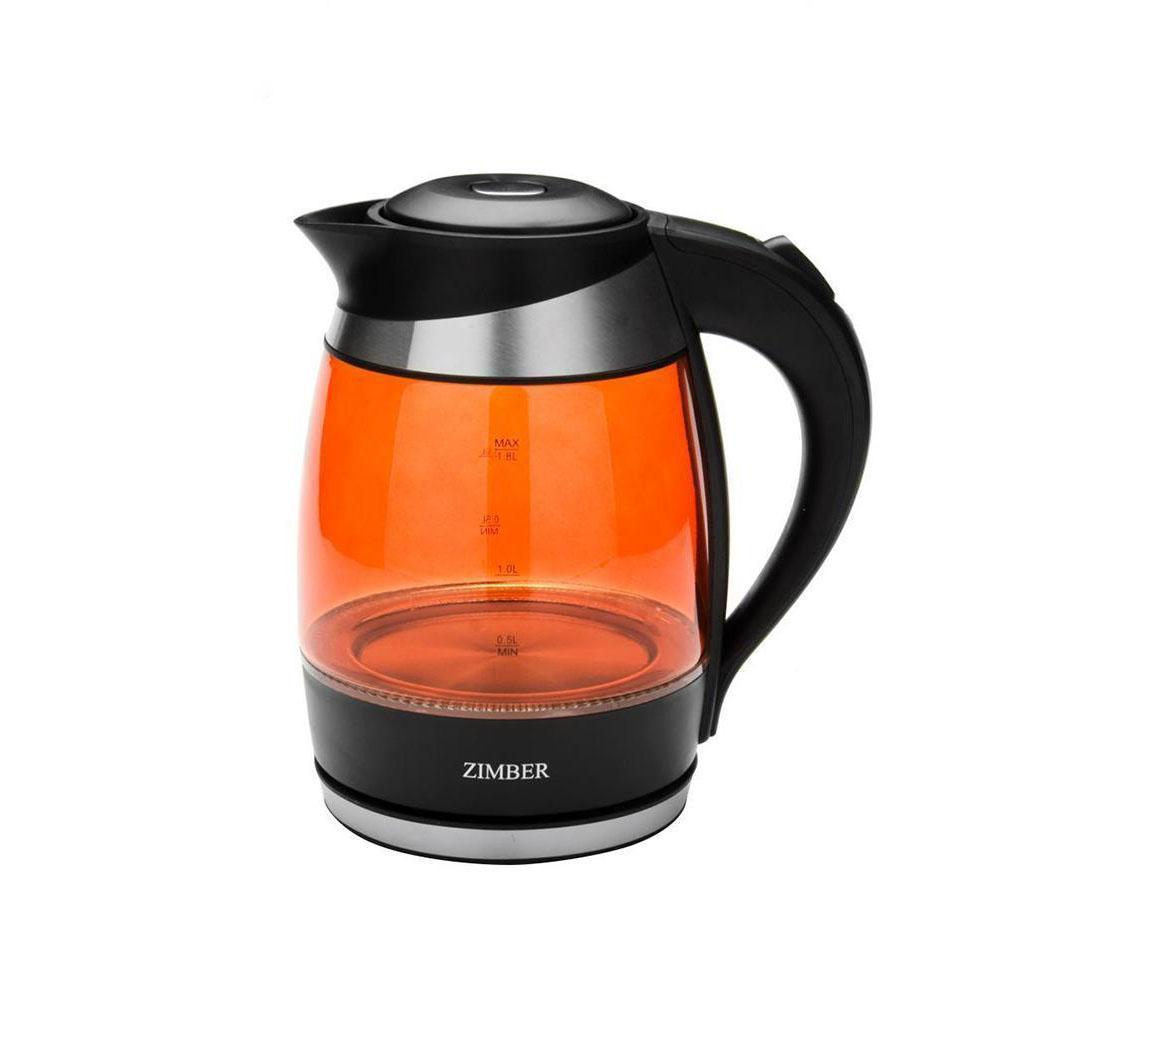 Zimber ZM-10978 электрический чайникZM-10978Zimber ZM-10978 - это удобный электрический чайник, который пригодится на любой кухне. Корпус модель выполнен из пластика и стекла, что придает ей стильный внешний вид. Чайник автоматически выключается при закипании.